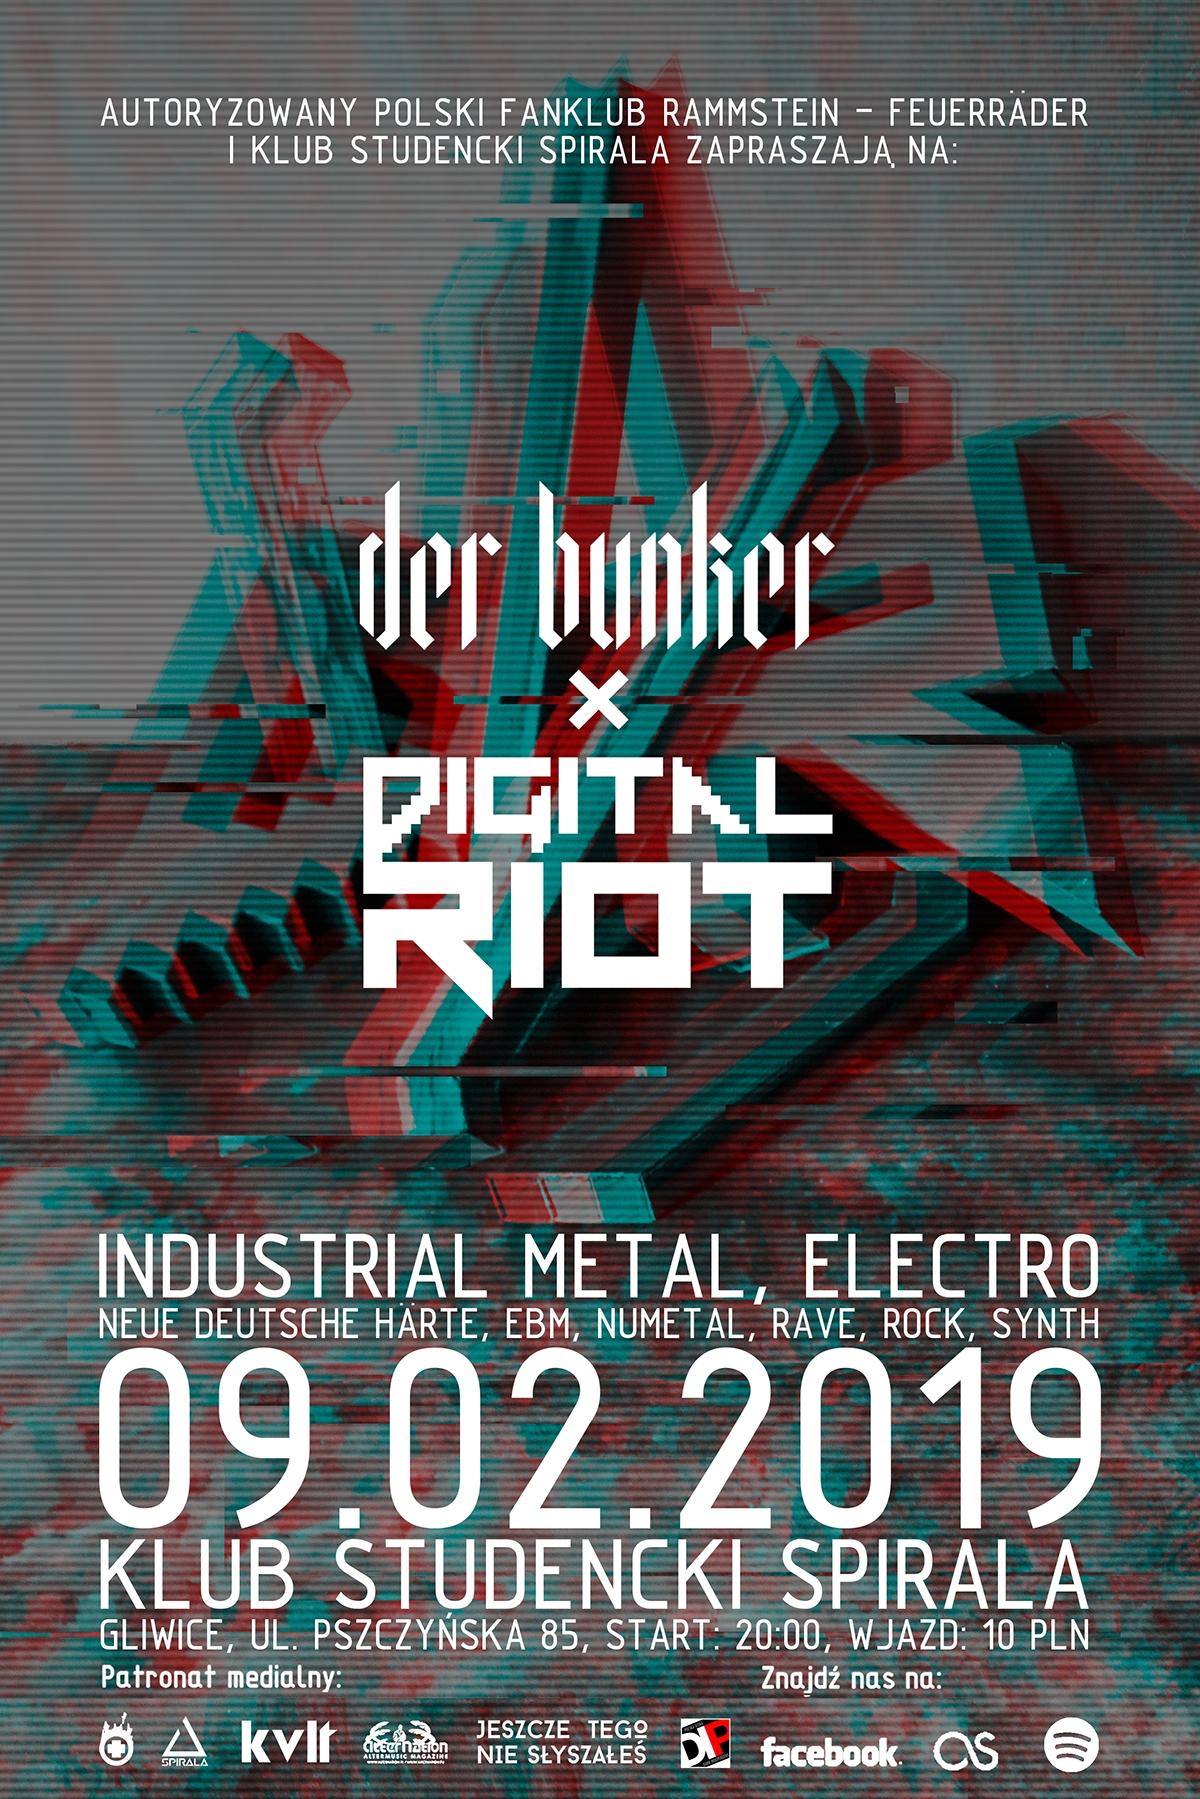 Der Bunker X Digital Riot